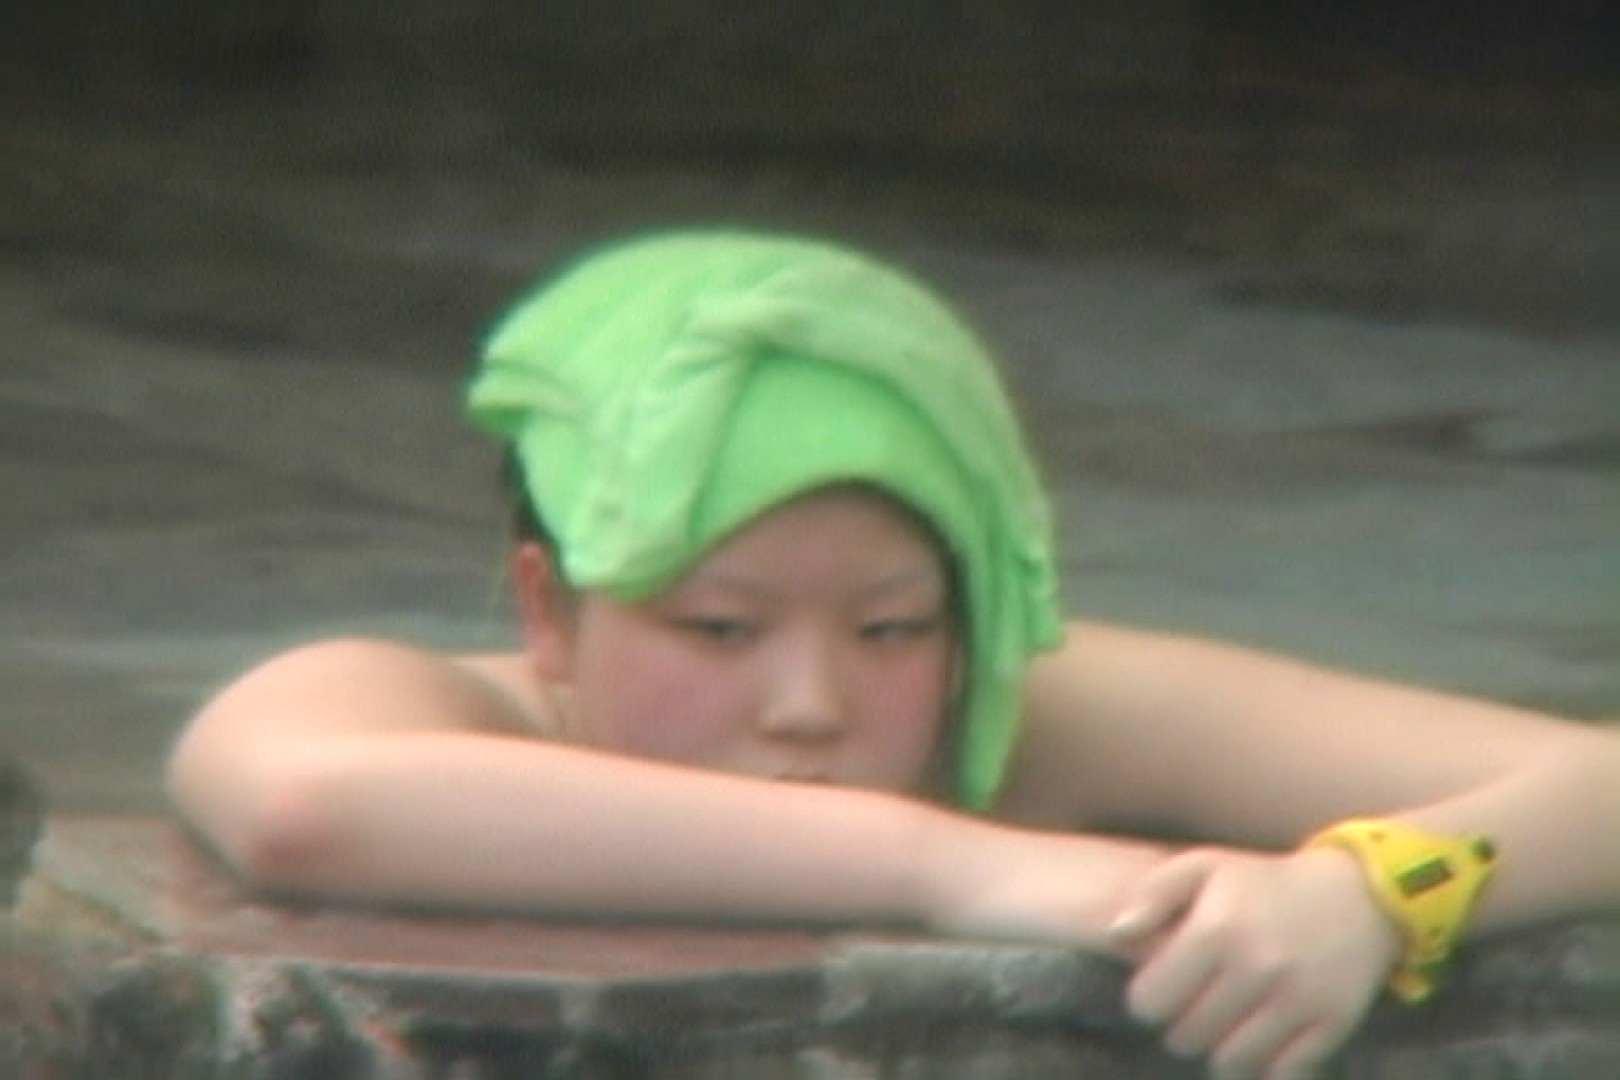 Aquaな露天風呂Vol.563 盗撮 覗きおまんこ画像 96PICs 17